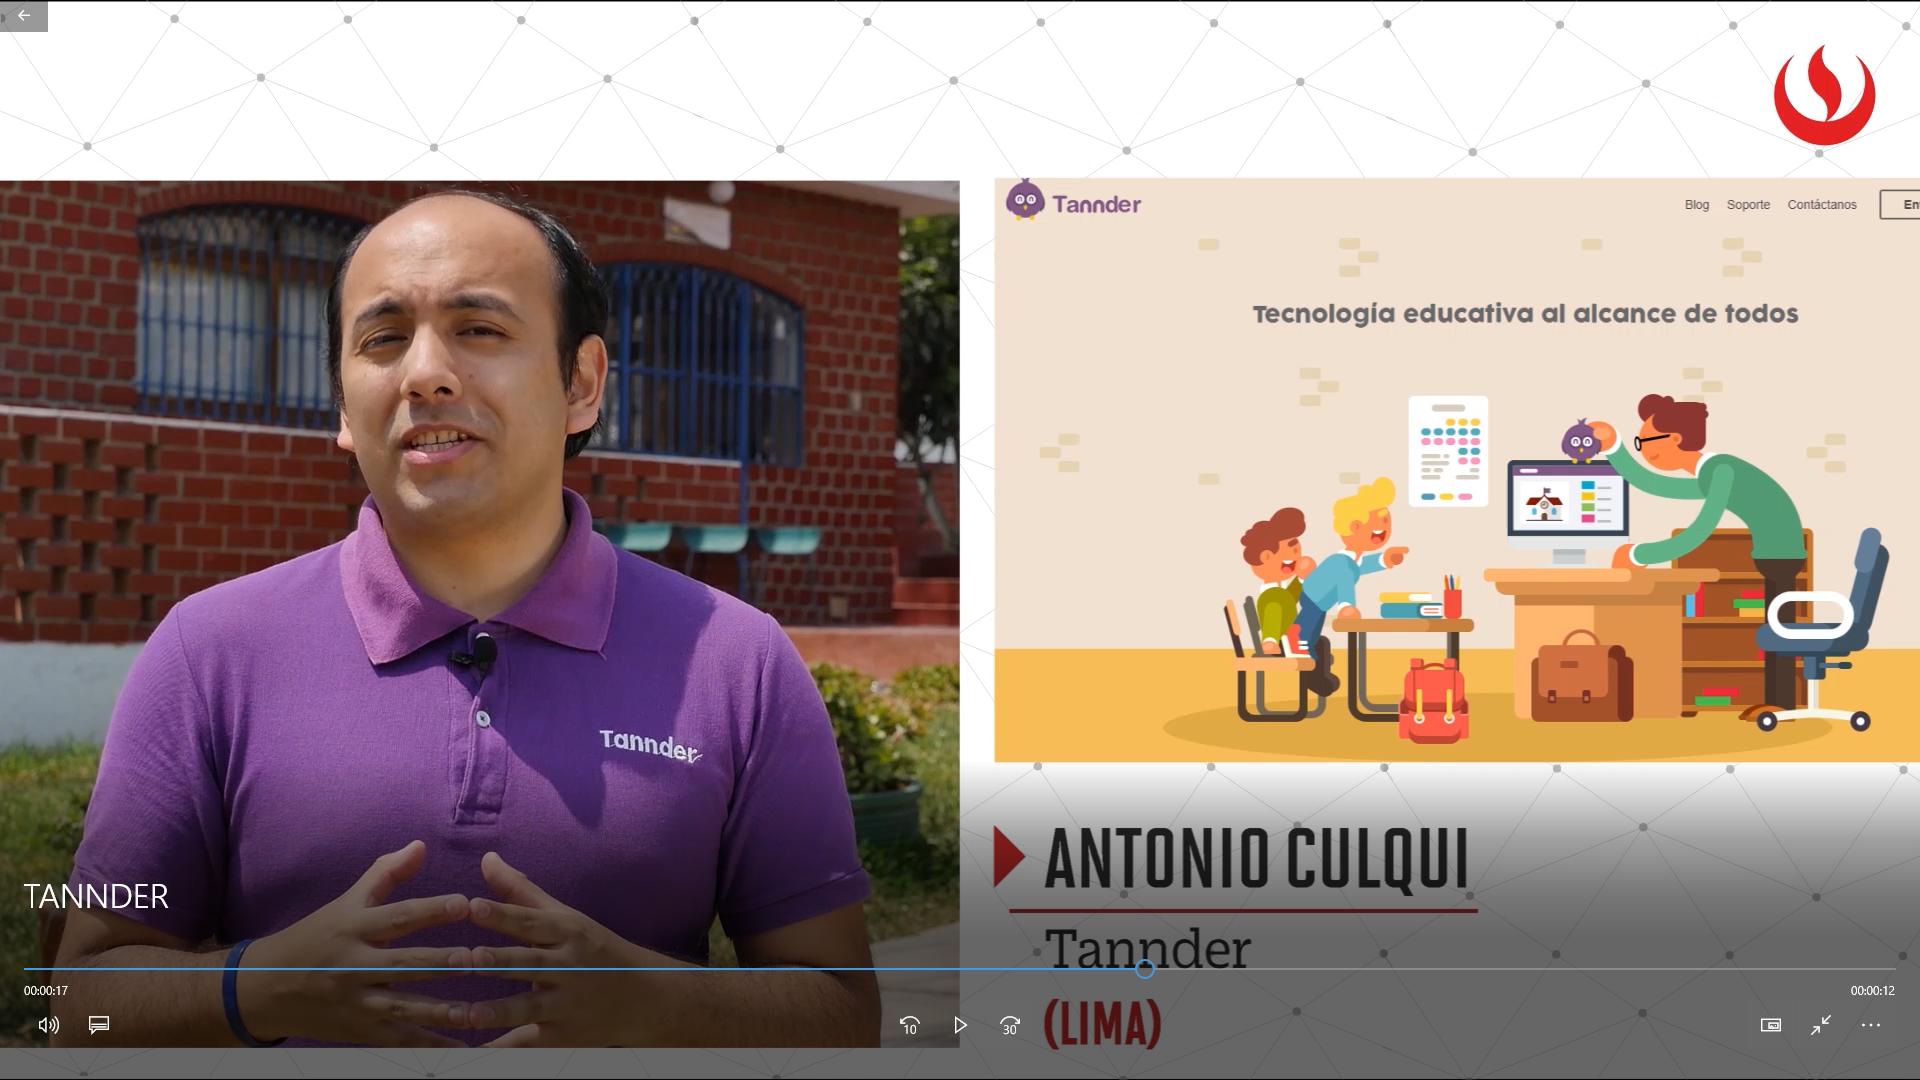 Con el propósito de brindar nuevas herramientas para mejorar el proceso educativo y fomentar el uso de la tecnología en las escuelas, Antonio Culqui creó Tannder.